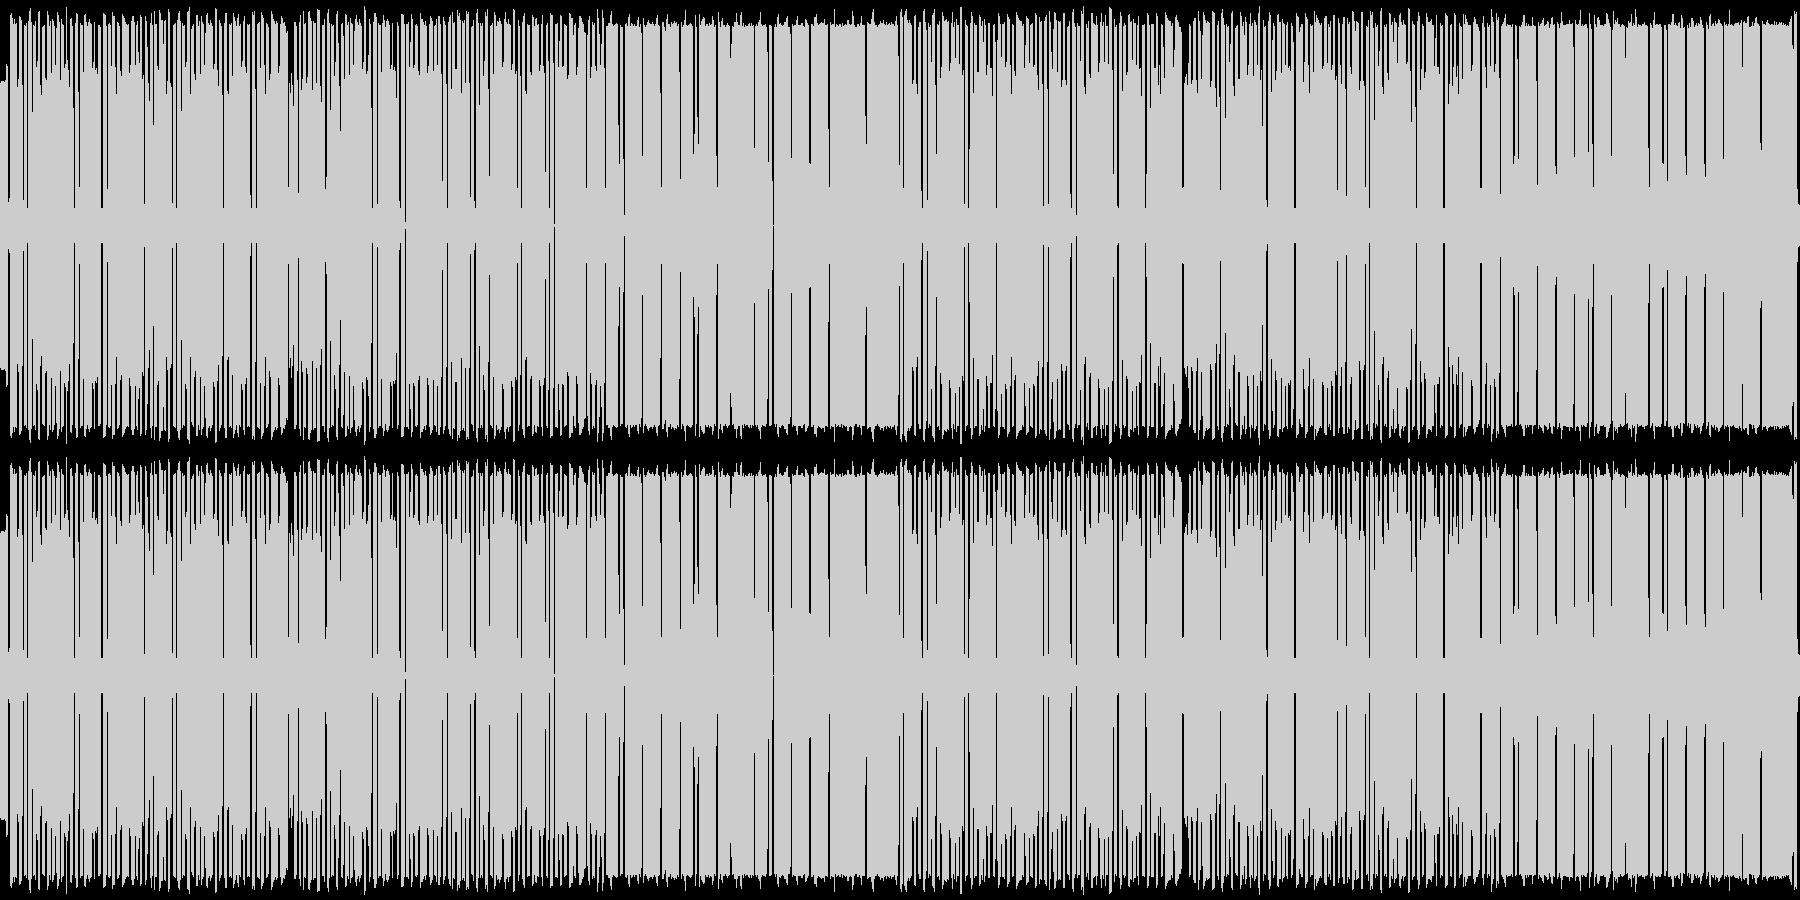 ファミコン風BGMですの未再生の波形